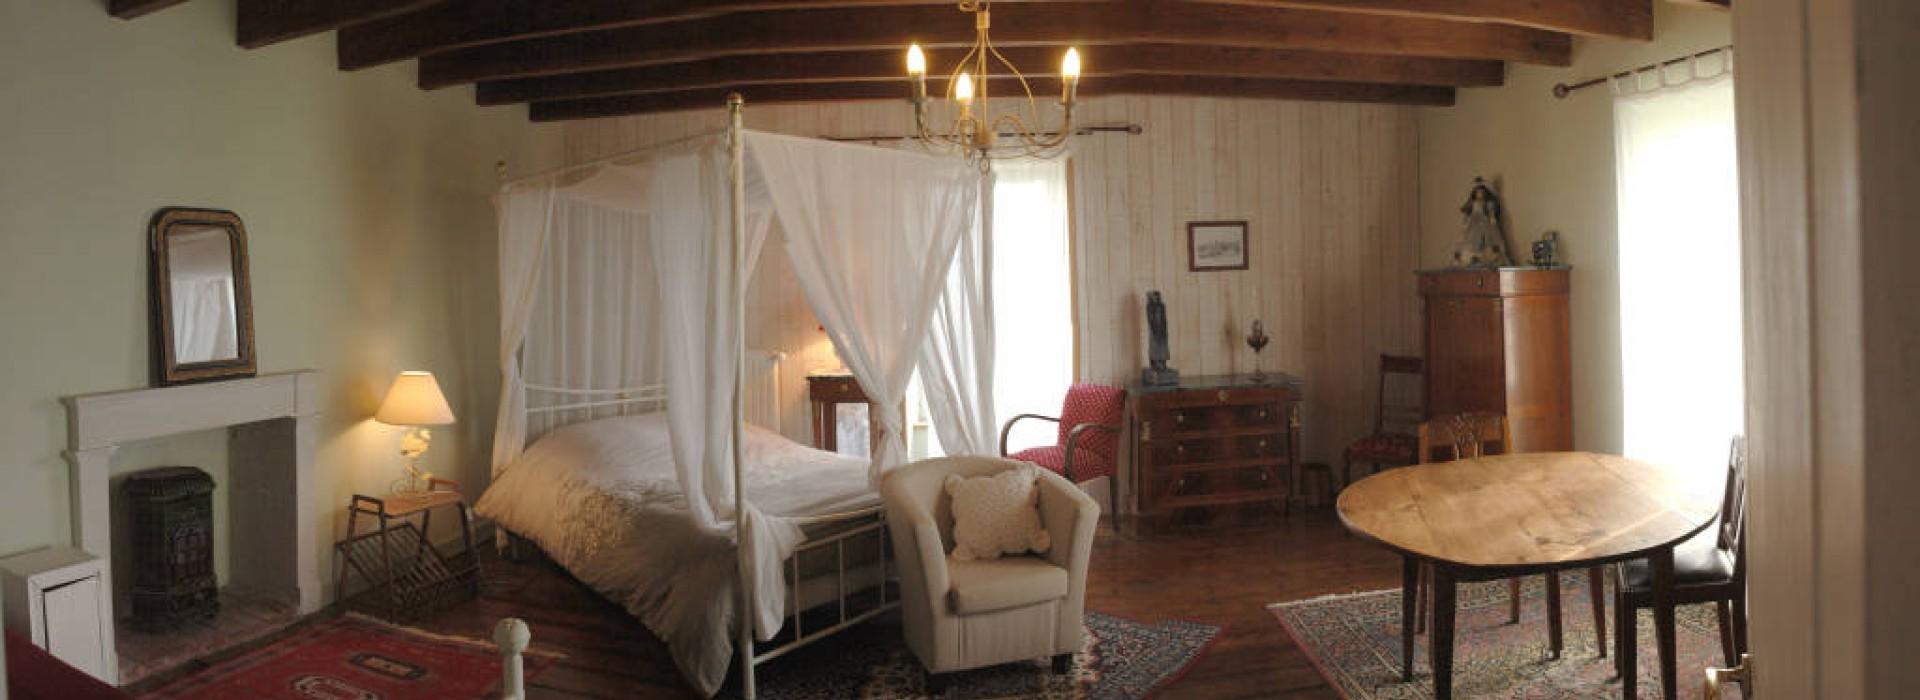 chambre d 39 hotes caillet christophe chambres d 39 h tes en pays de la loire. Black Bedroom Furniture Sets. Home Design Ideas